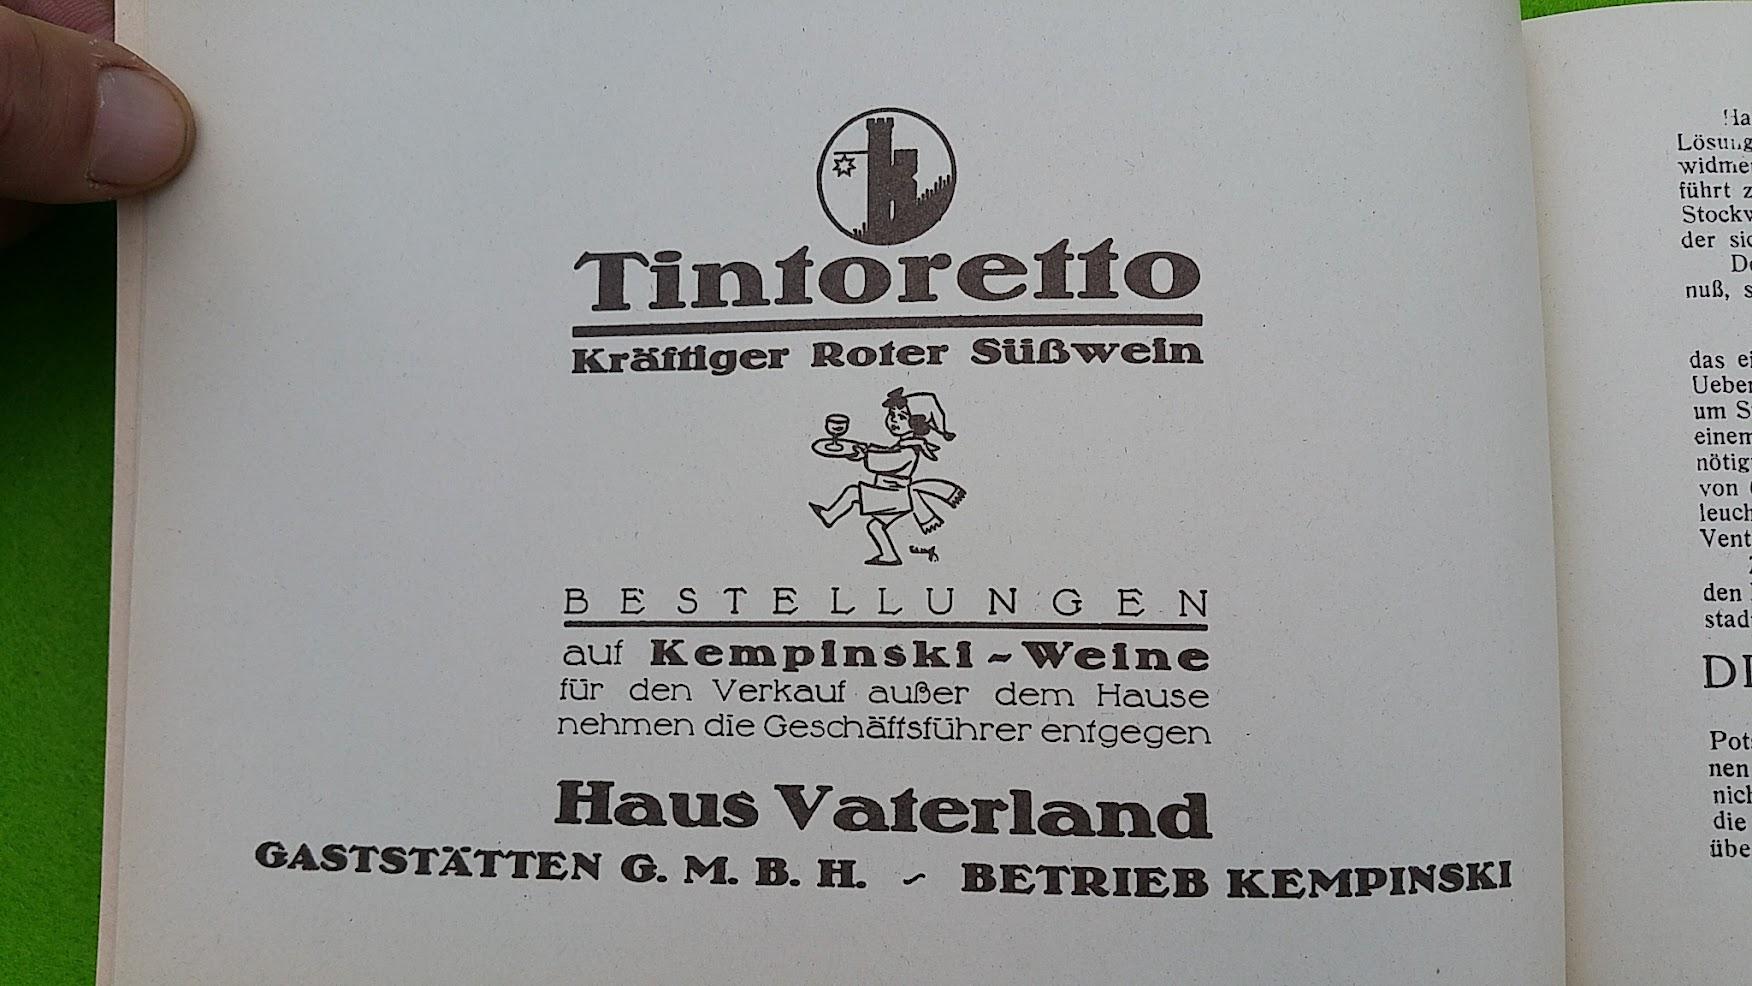 Begleitheft zur Eröffnung von Haus Vaterland am Potsdamer Platz, Berlin, 31. August 1928 - Tintoretto Wein